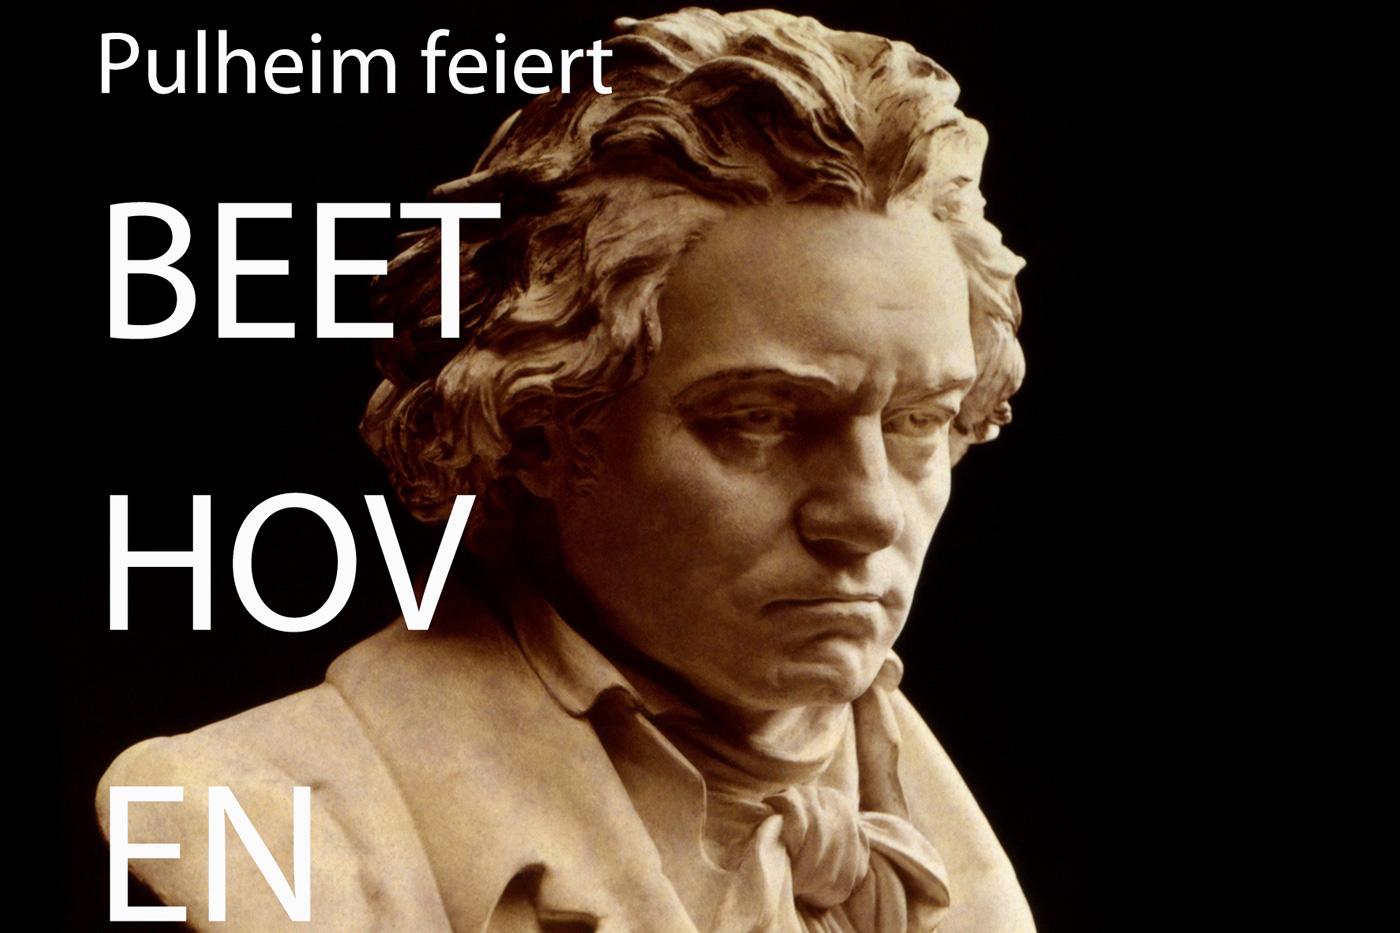 Beethoven – jetzt!?